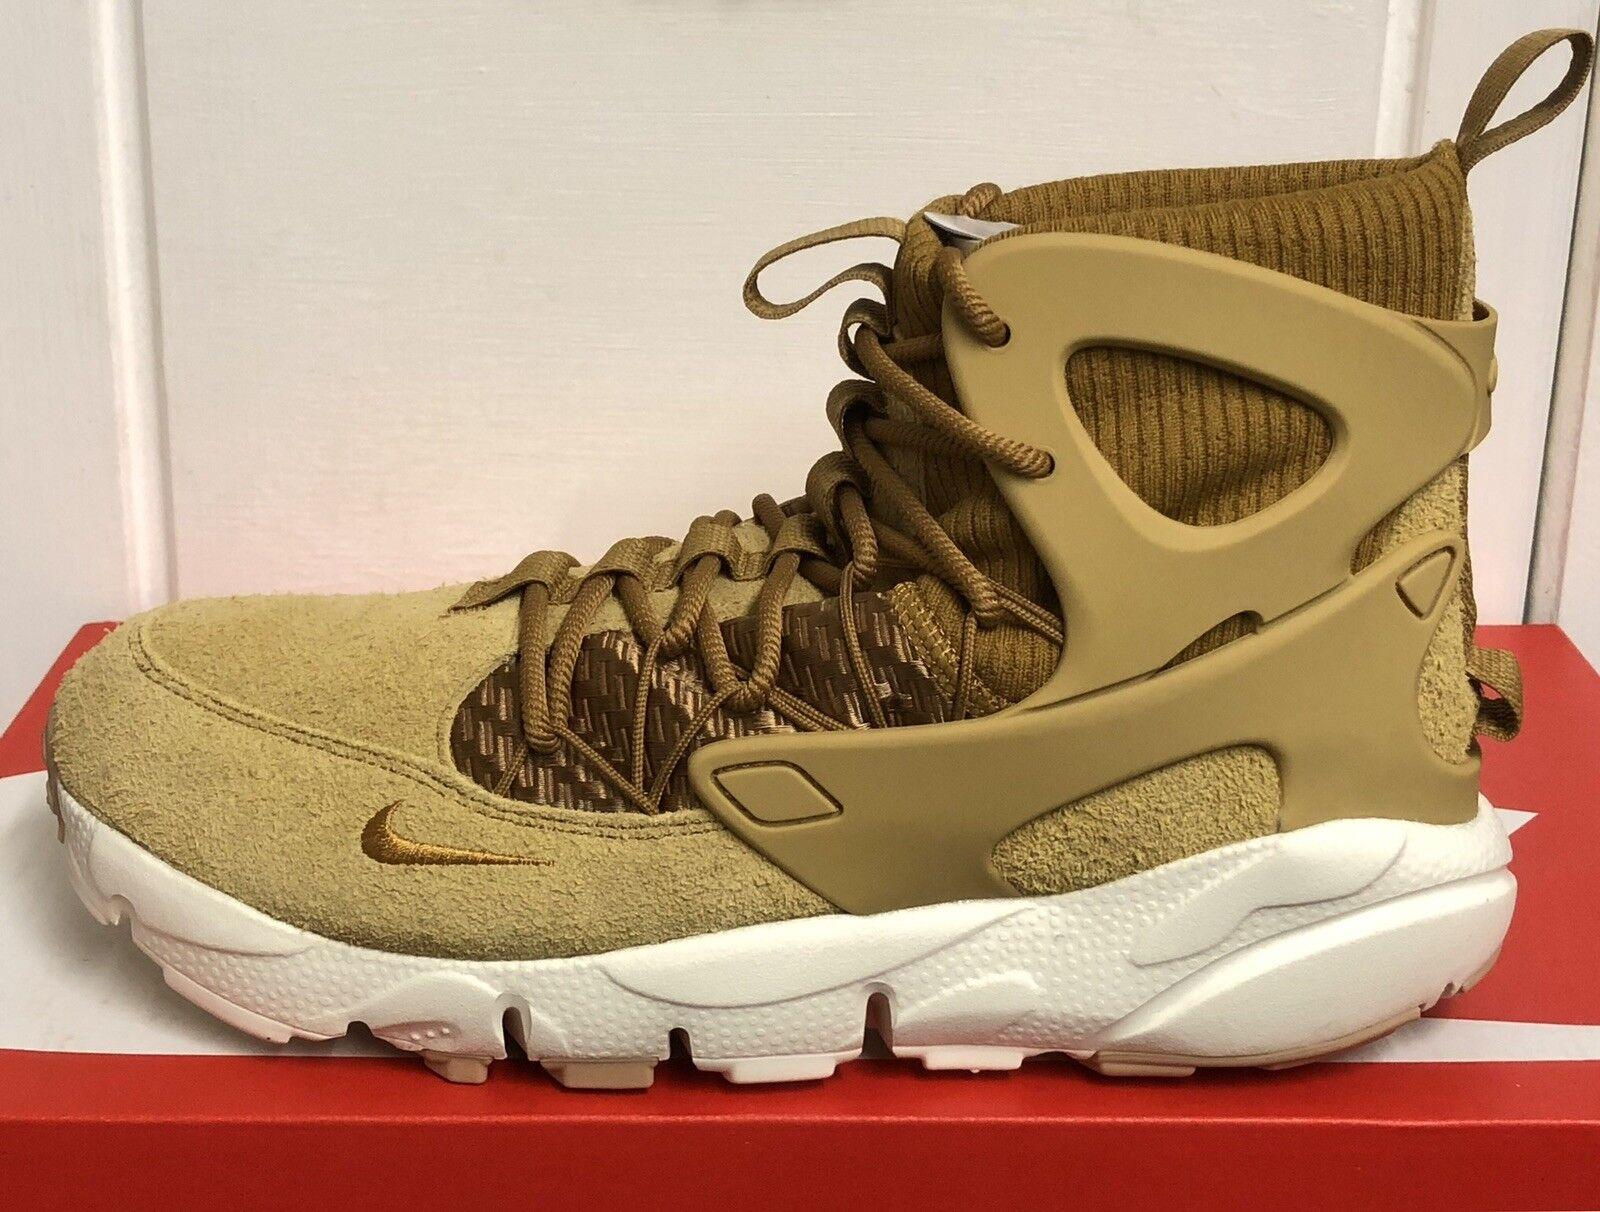 Nike Air Footscape botas Zapatos Zapatillas zapatillas medio medio medio UK 7,5 EUR 42 US 10  tiendas minoristas